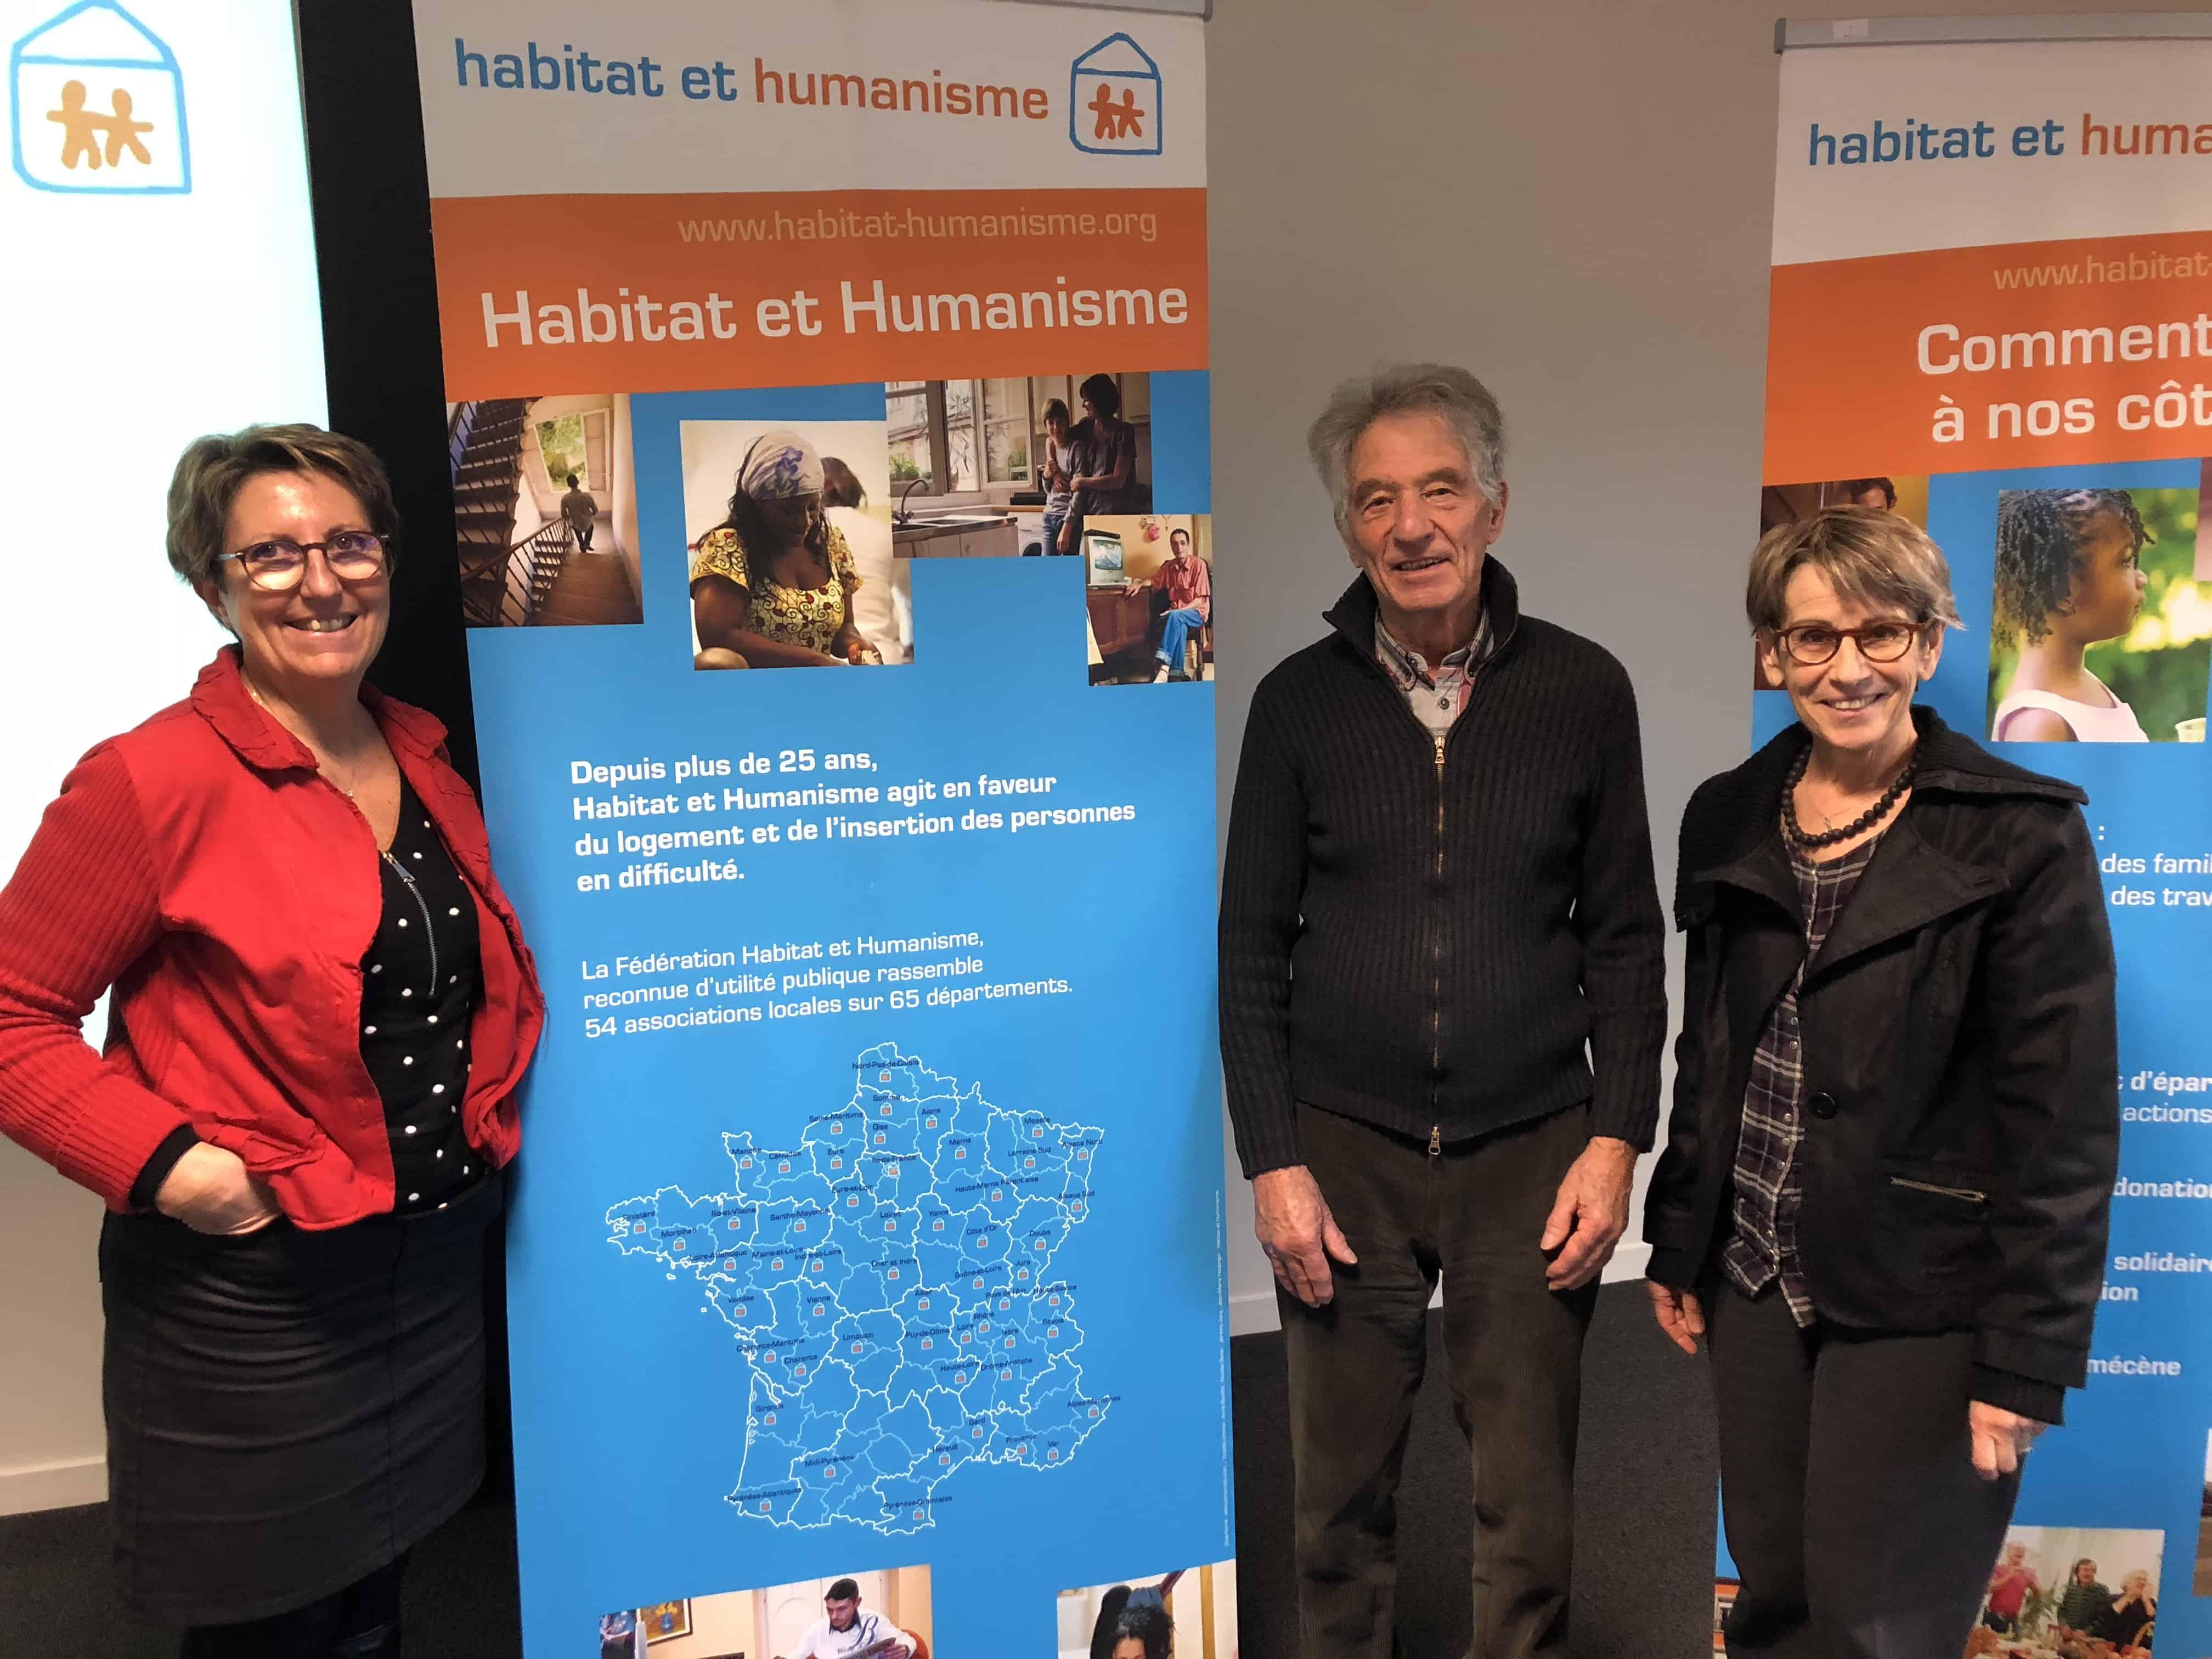 2019 02 07 Habitat Et Humanisme 1